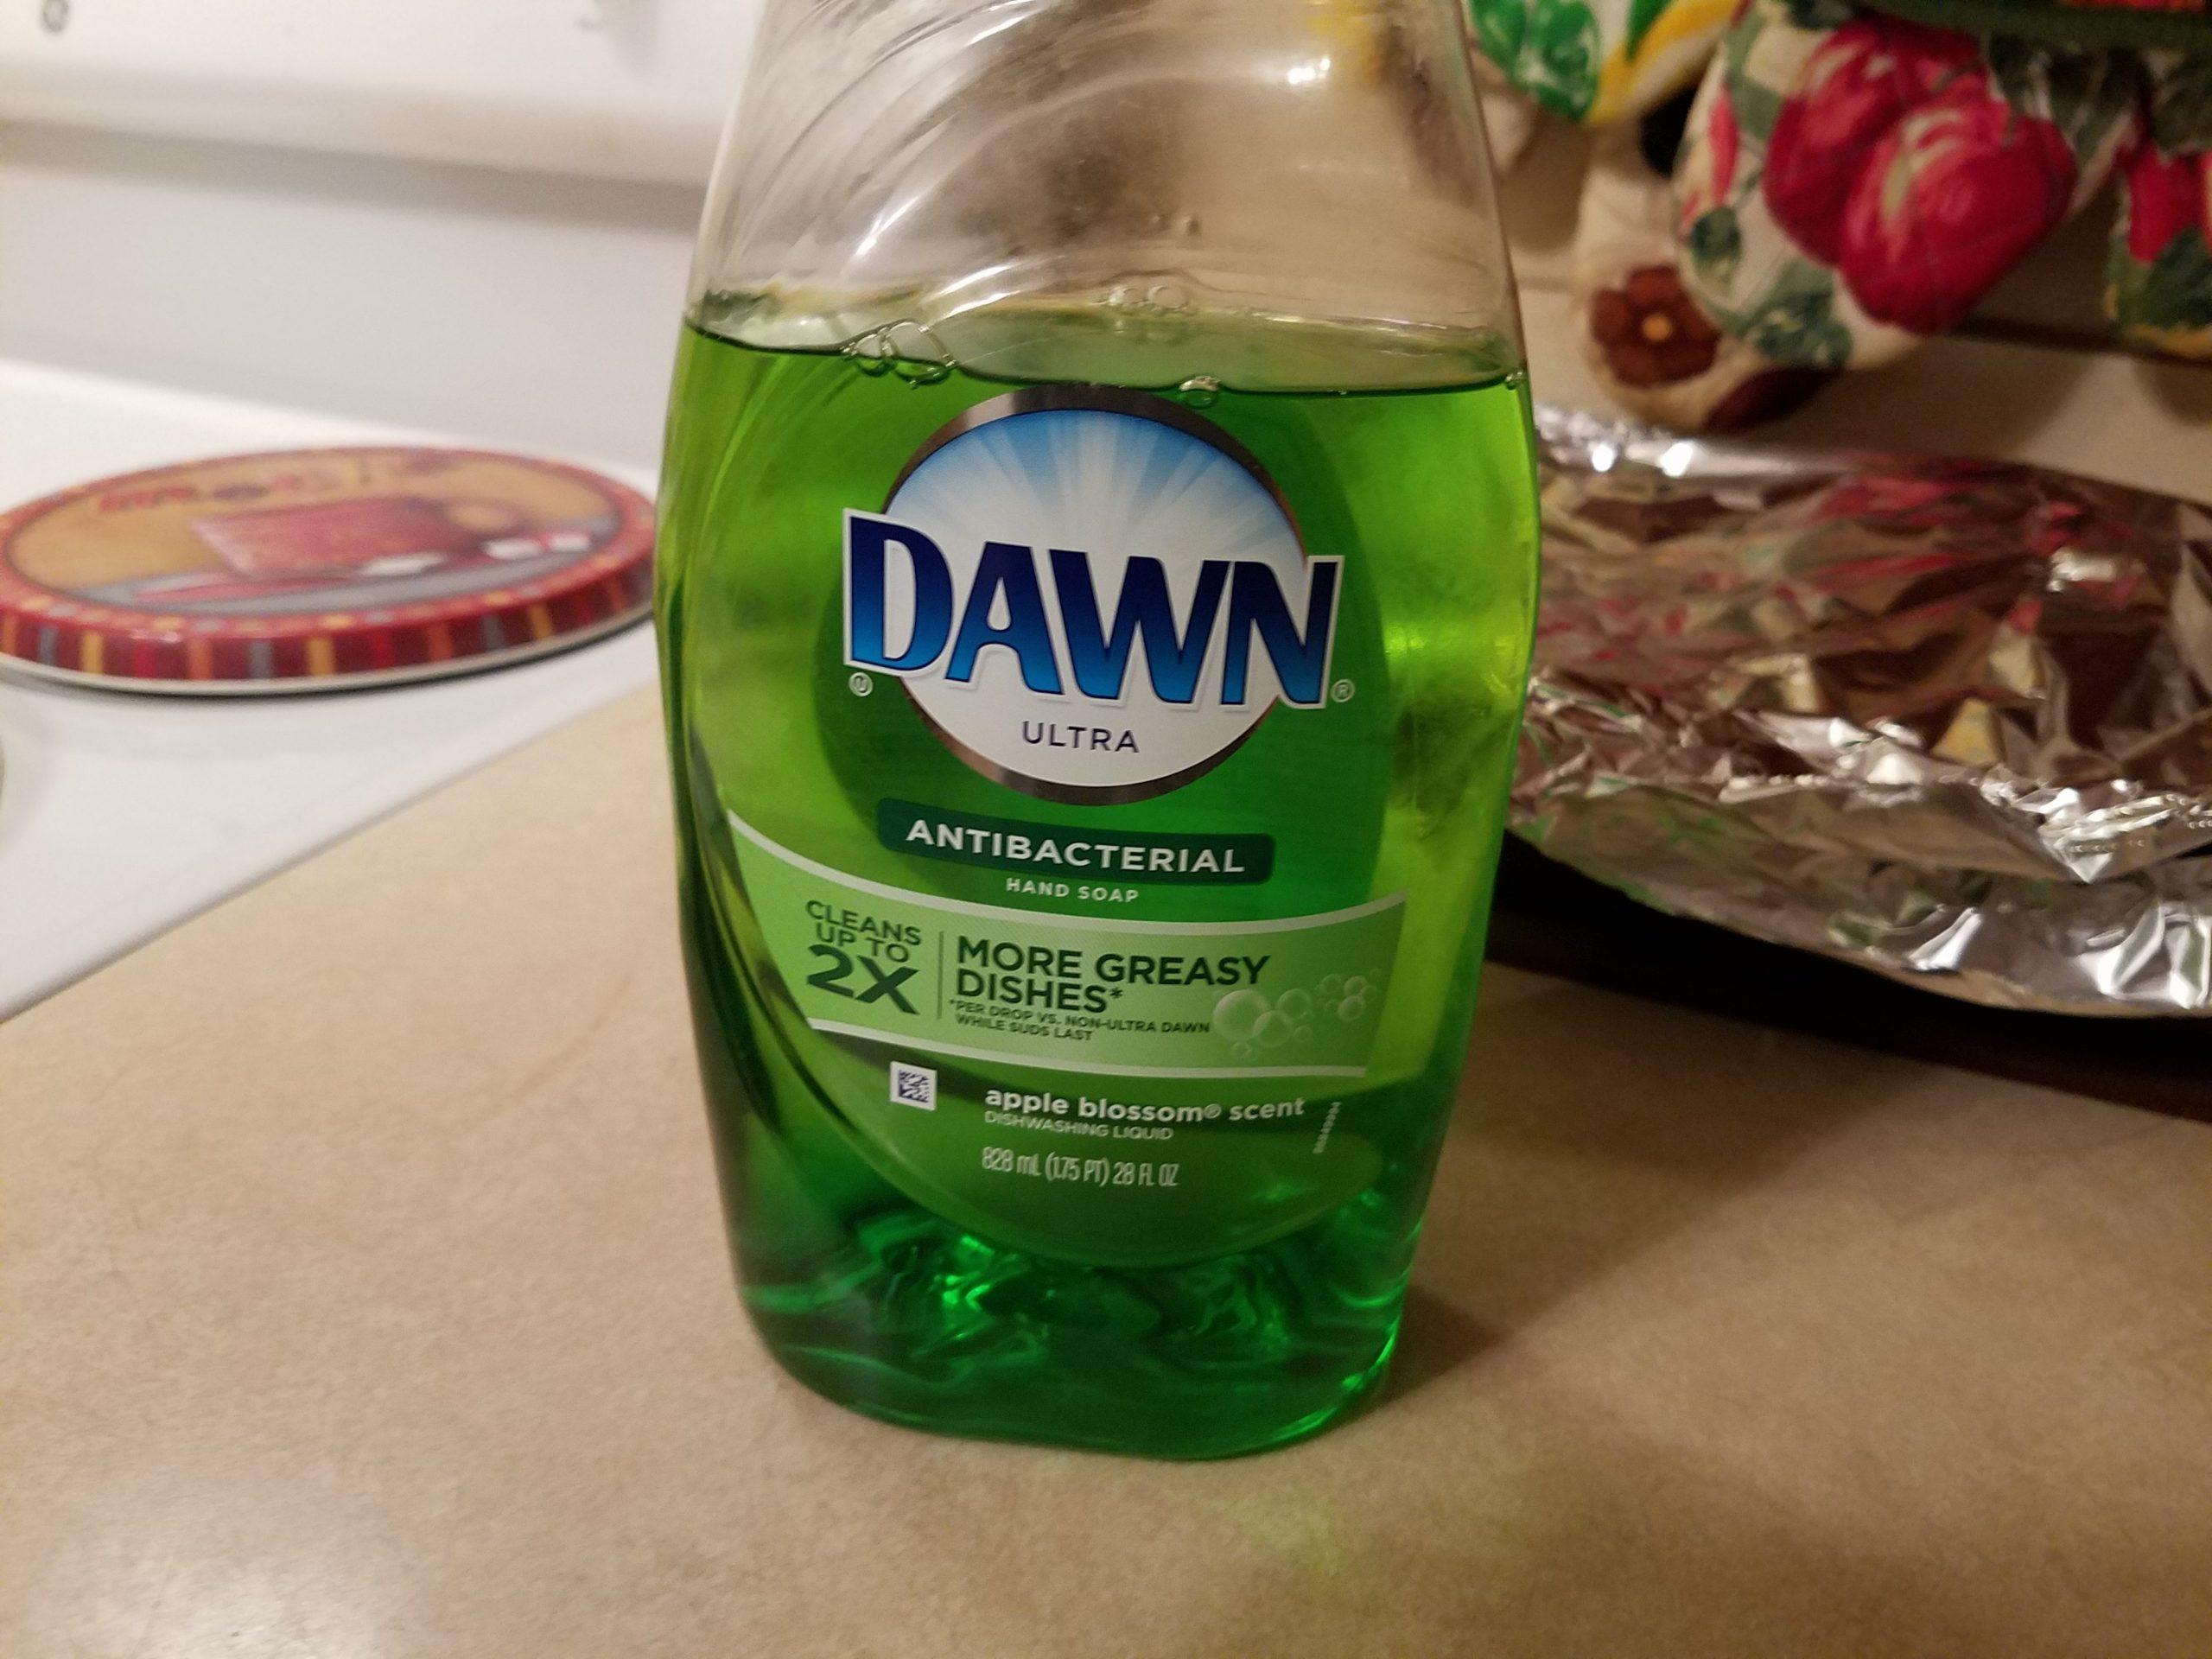 Galaxy S7 edge photo dawn detergent